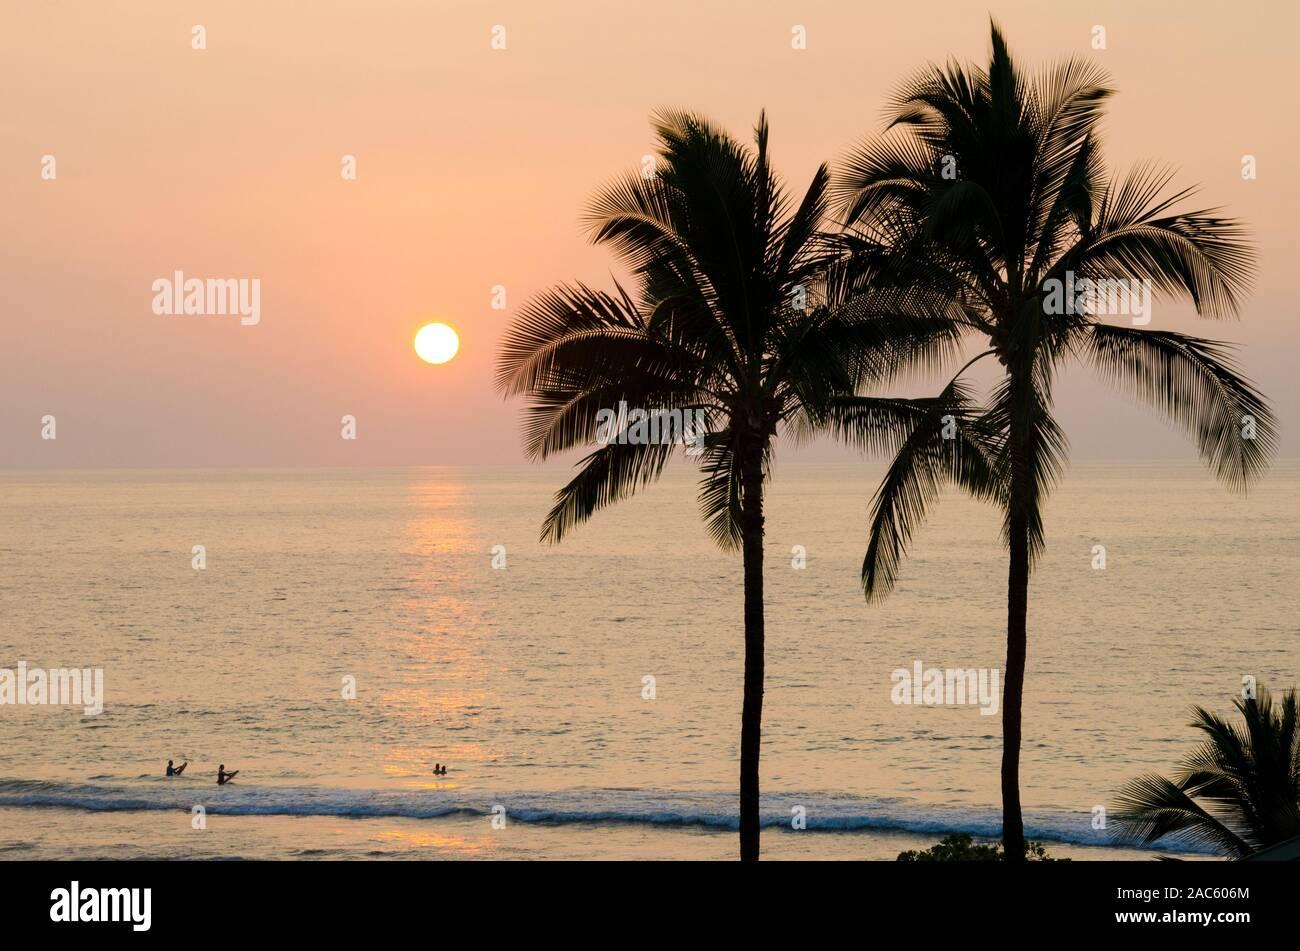 La gente disfruta del mar y del sol en Hapuna Beach, Isla de Hawai'i (Isla Grande). Foto de stock